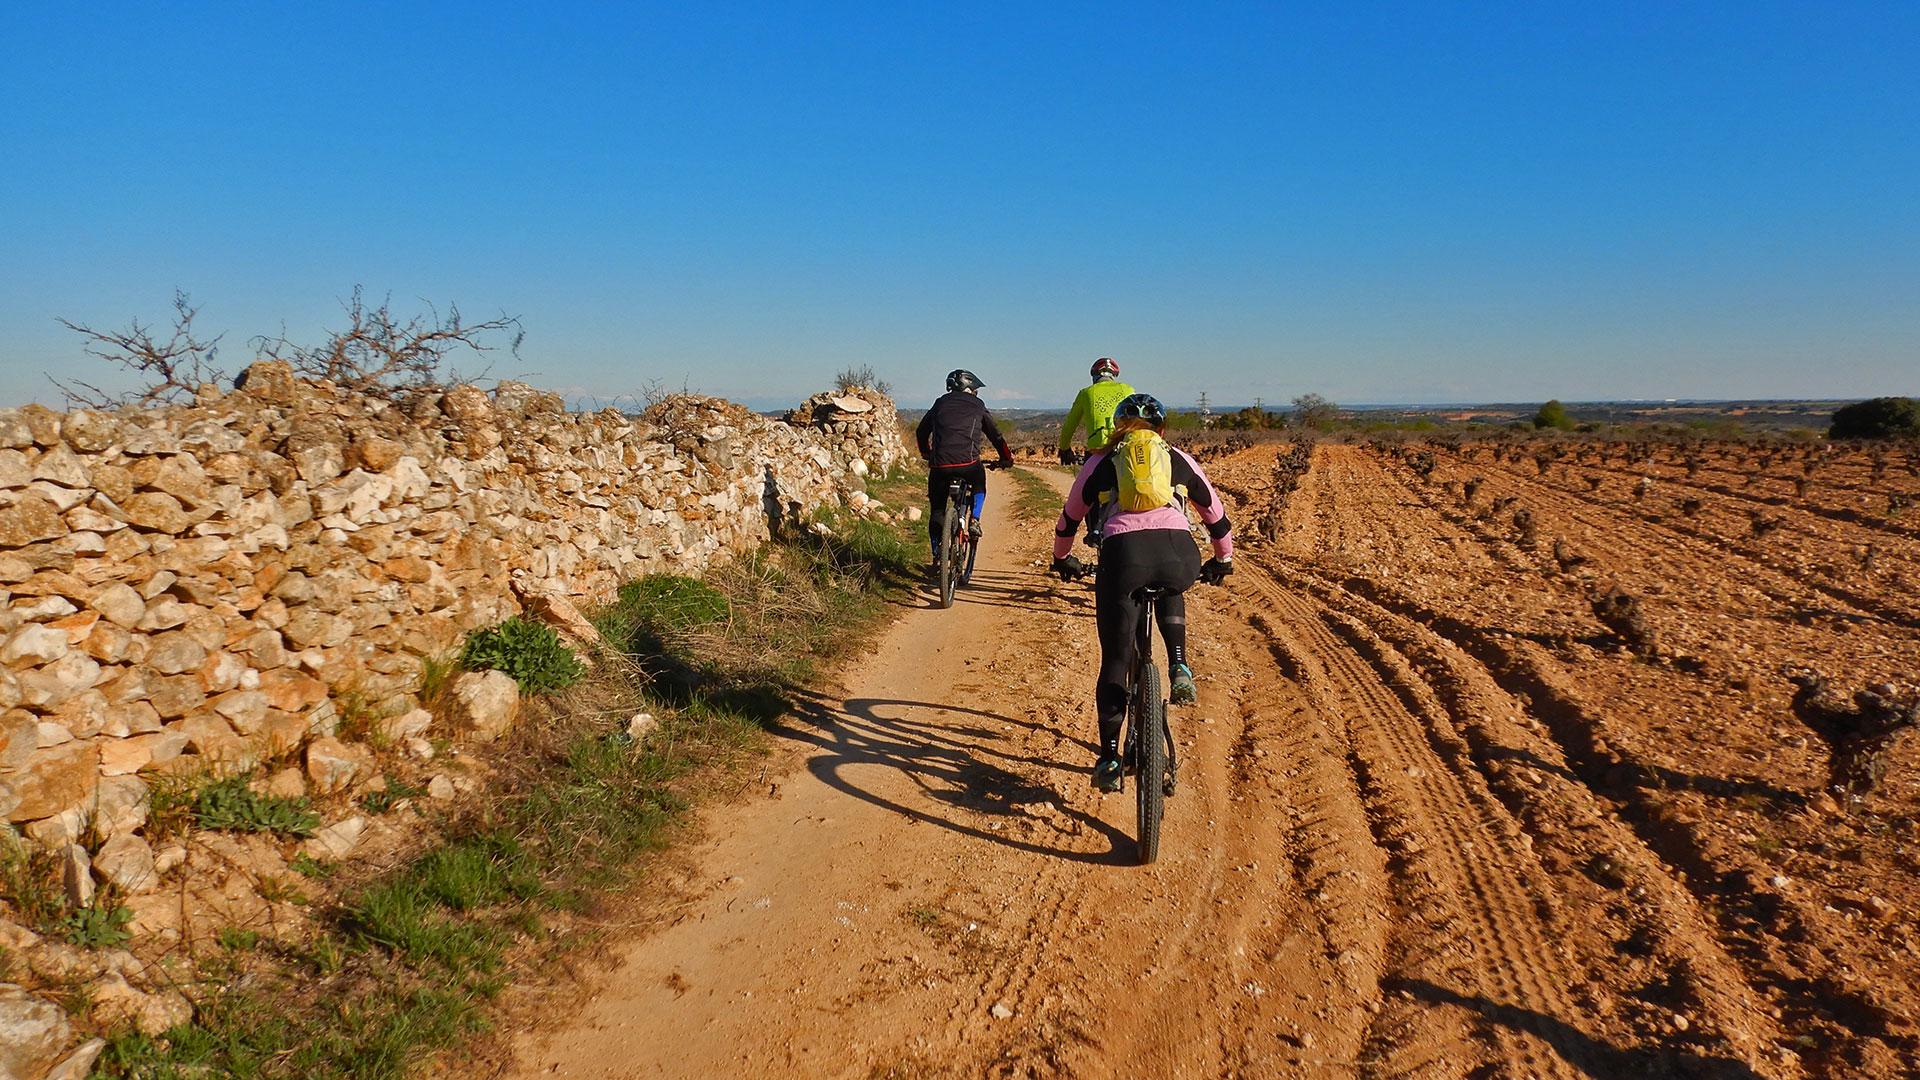 Villarejo y Belmonte - Senda Pinos y Barranco Infierno